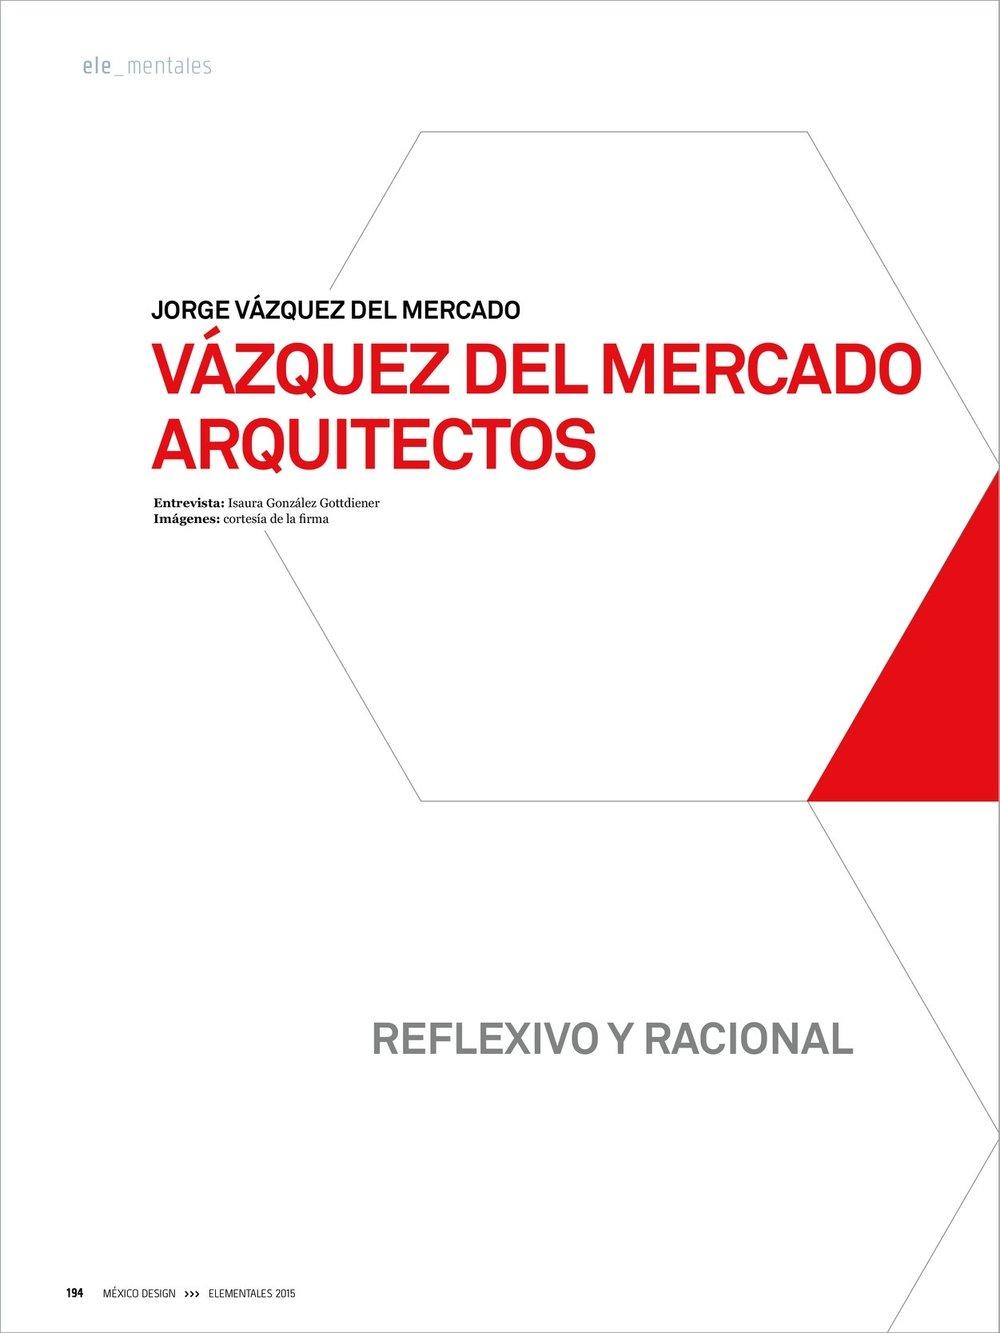 VAZQUEZ DEL MERCADO ARQ_Editorial-1.jpg